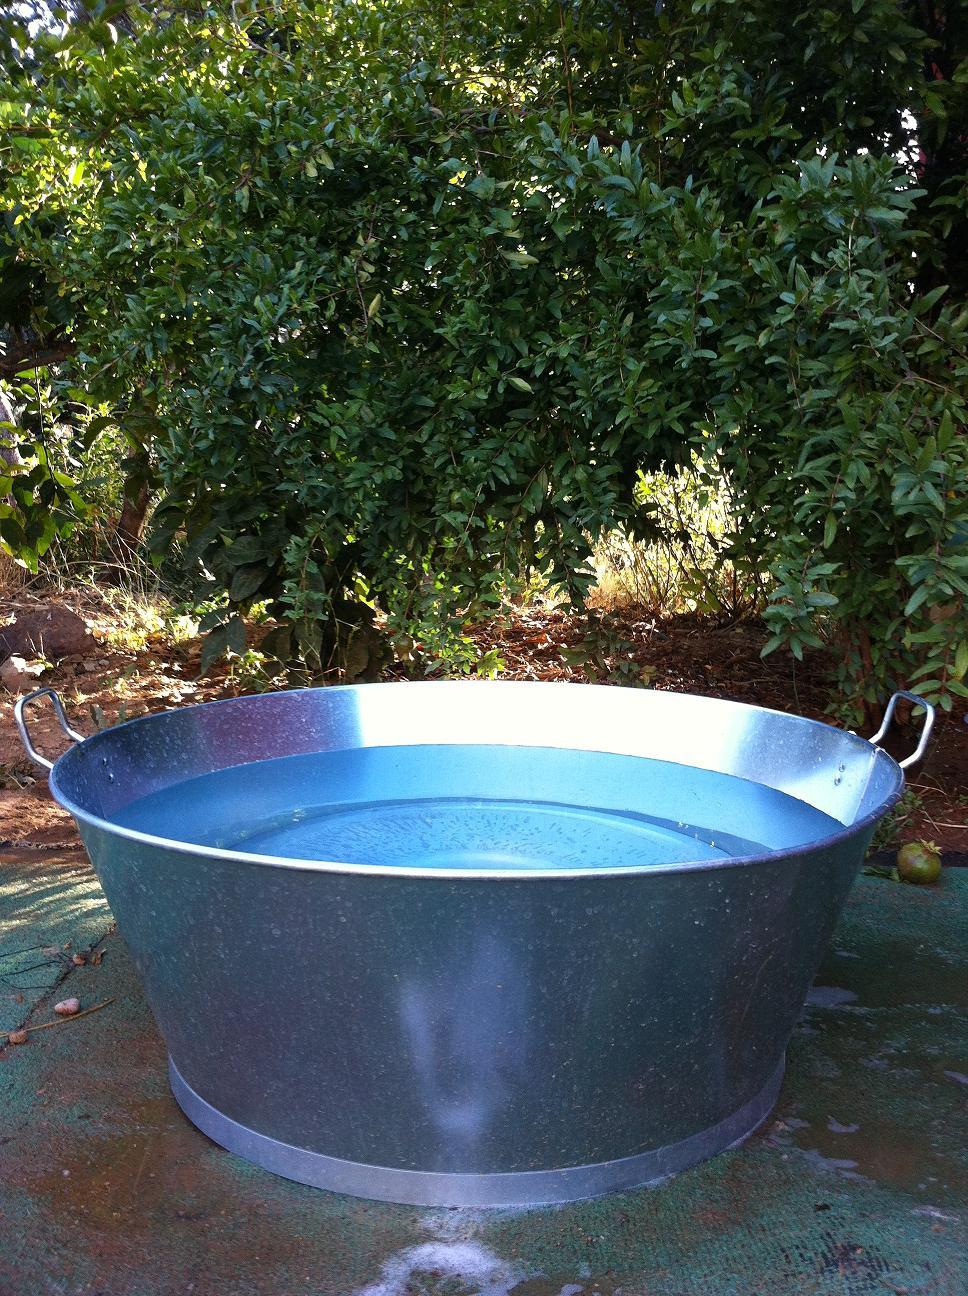 Mvp dona 5 barre os piscinas para los perritos de el amigo for Piscinas para perros grandes